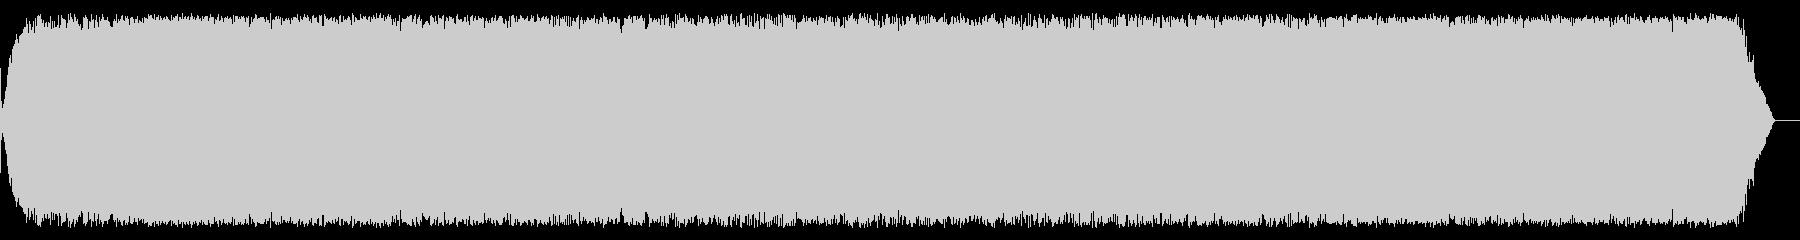 【生録音】ヘアドライヤーの音 3の未再生の波形